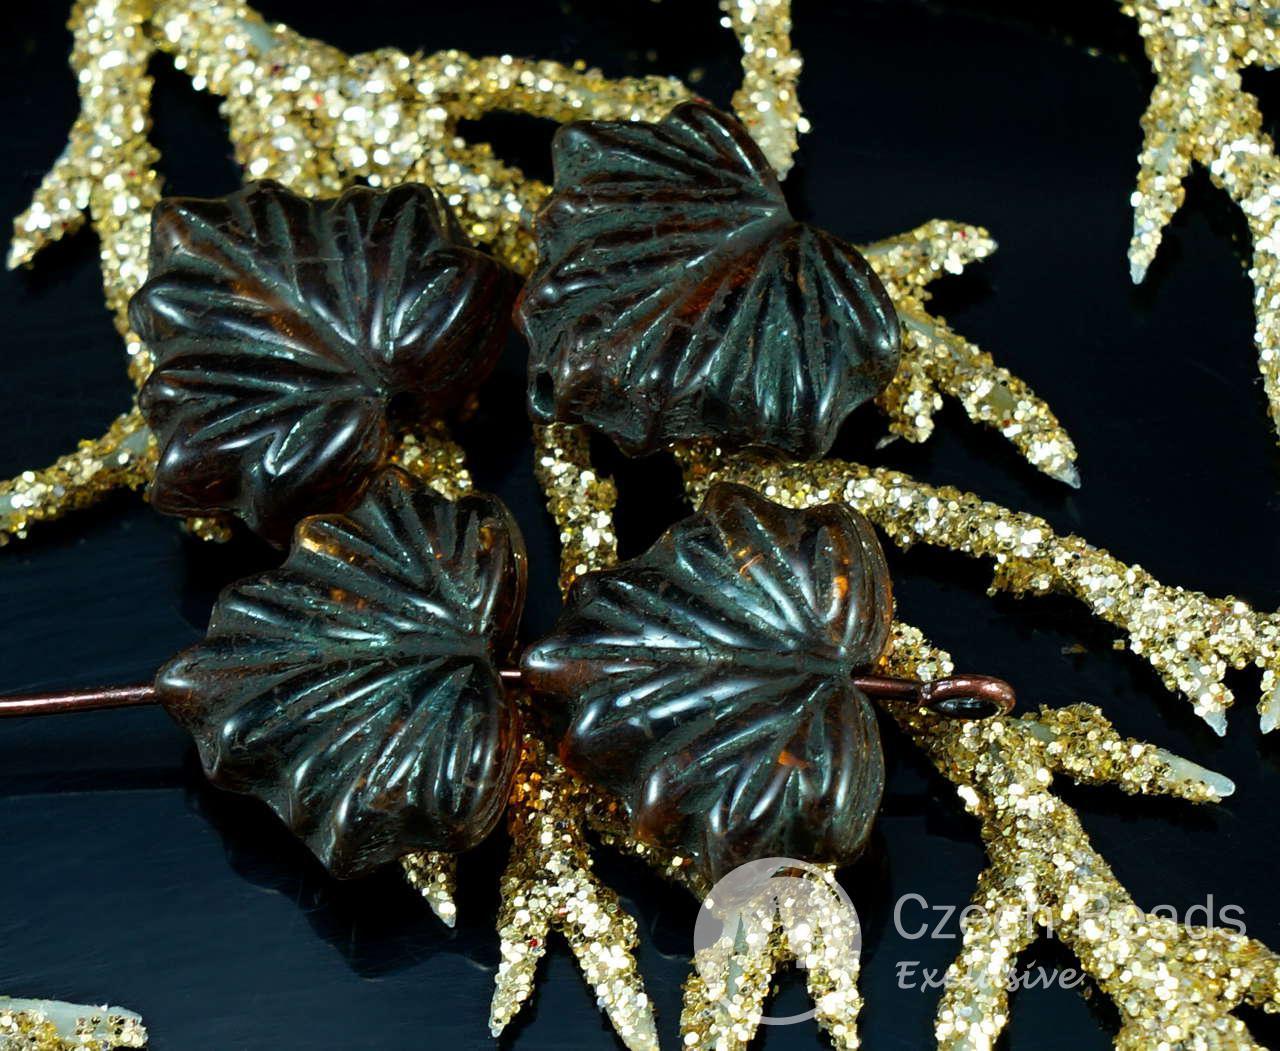 Marrón Negro Forrado de Cristal checo de la Hoja de Arce Cuentas Talladas de Halloween 11mm x 13mm 12pcs para $ 2.37 de Czech Beads Exclusive